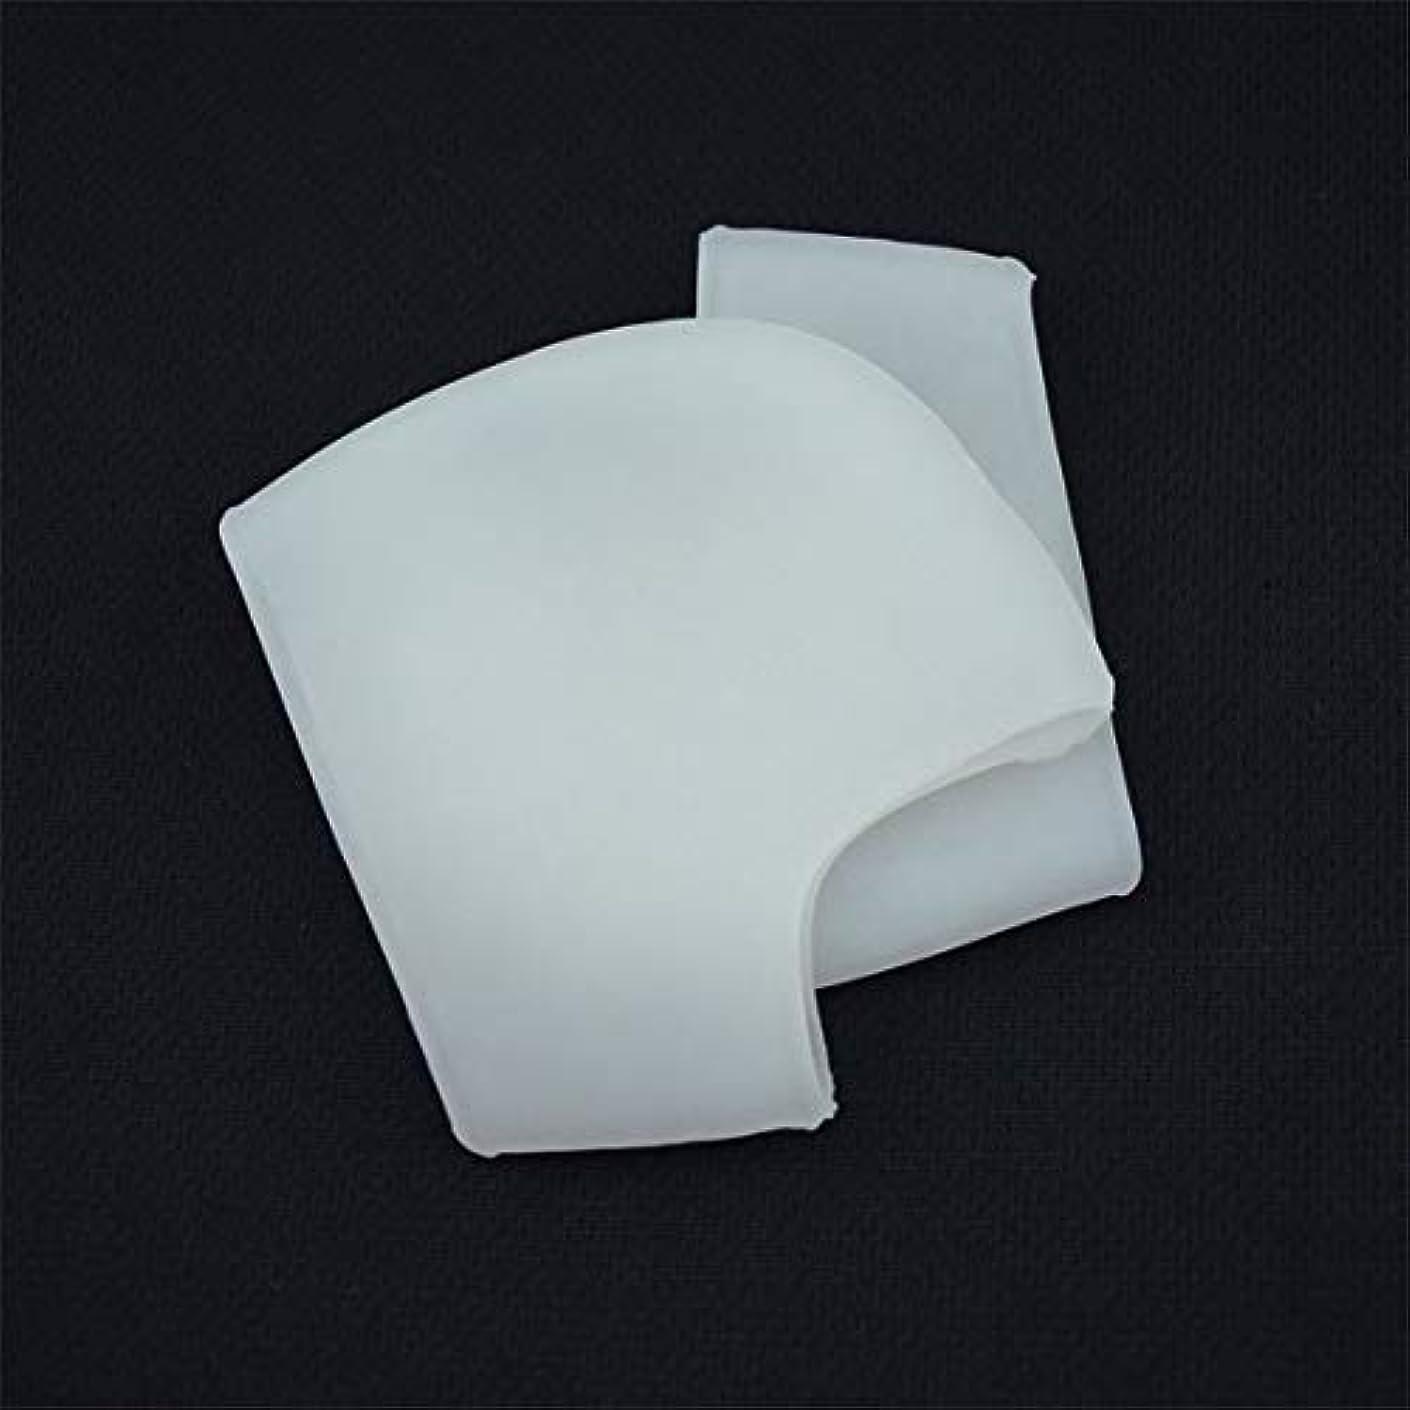 丈夫初期の乳白シリコンヒールアンチクラッキング保護靴下男性と女性一般的なヒールスリーブ補正シリーズ穴なしスタイル-ミルキーホワイト